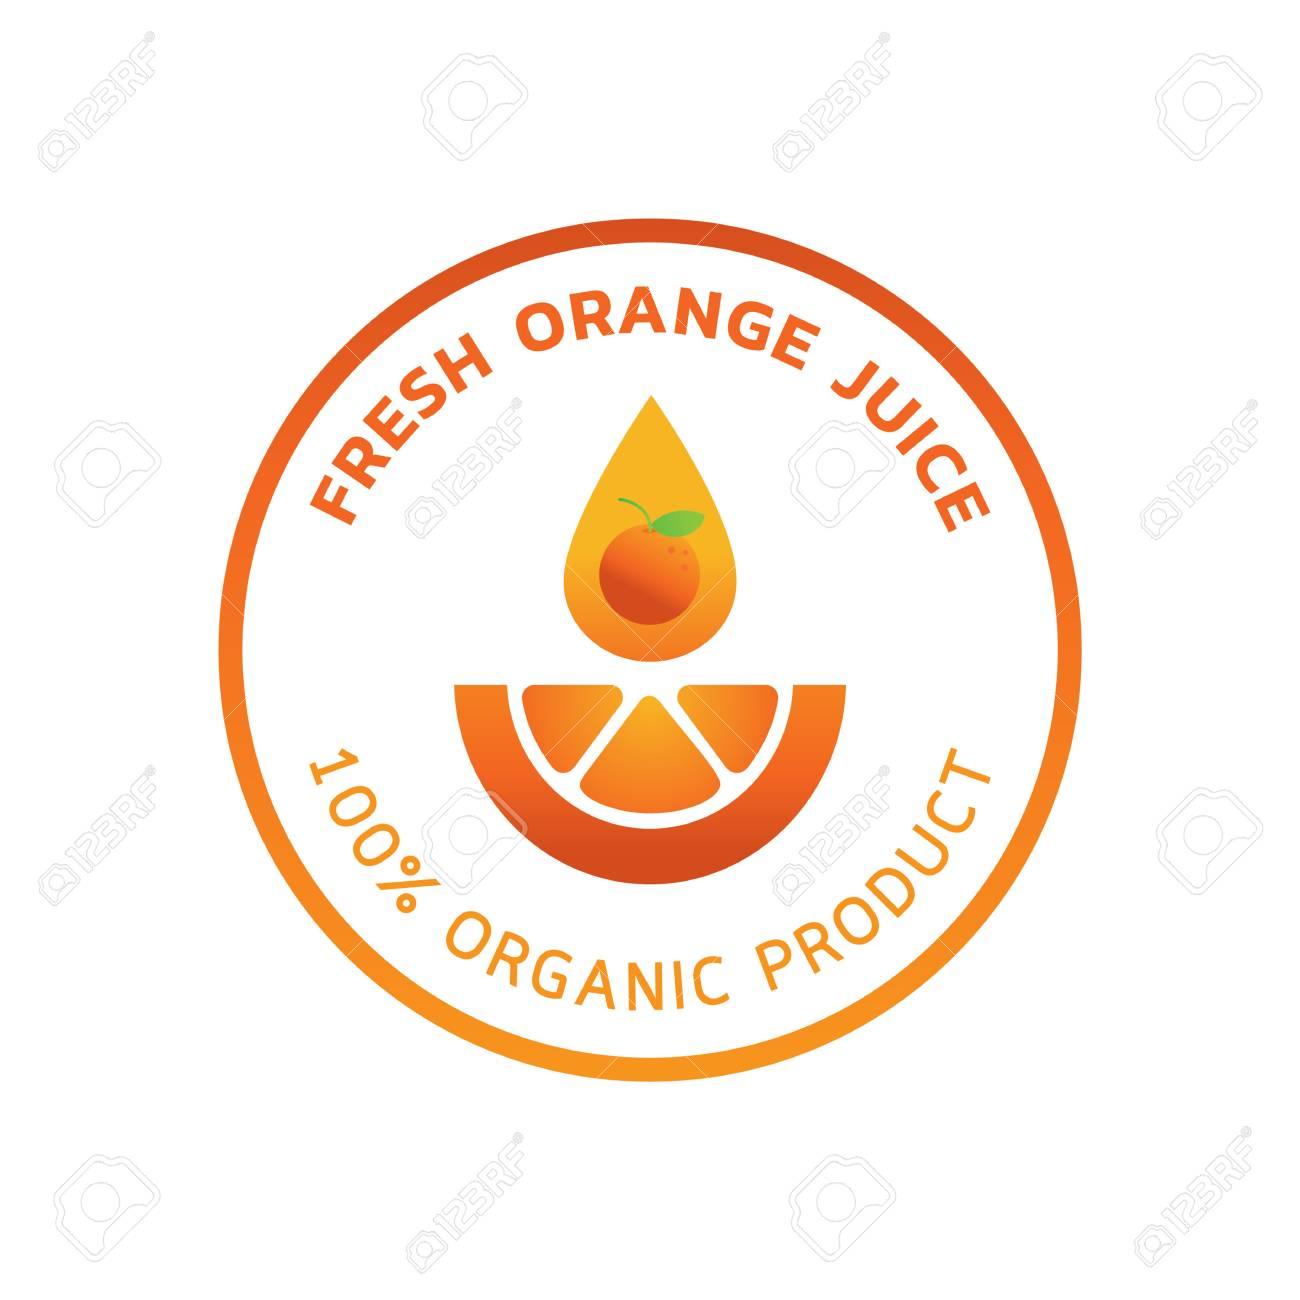 Organic orange juice guarantee logo with orange fruit illustration